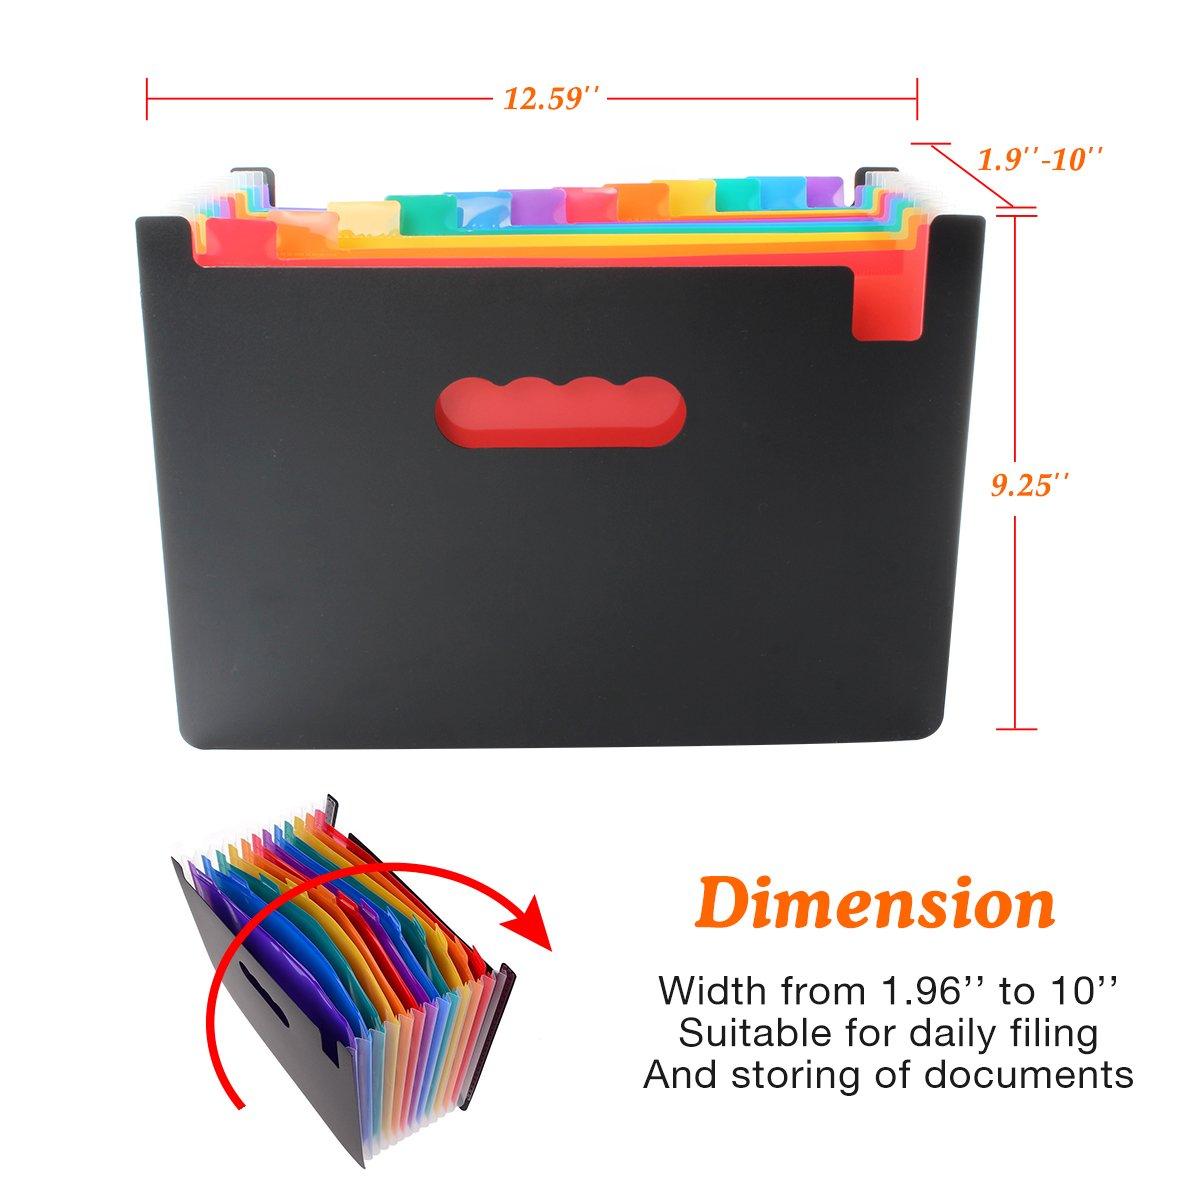 57mm Disston E0210523 2-1//4-Inch Boxed Blu-Mol Xtreme Bi-Metal Hole Saws